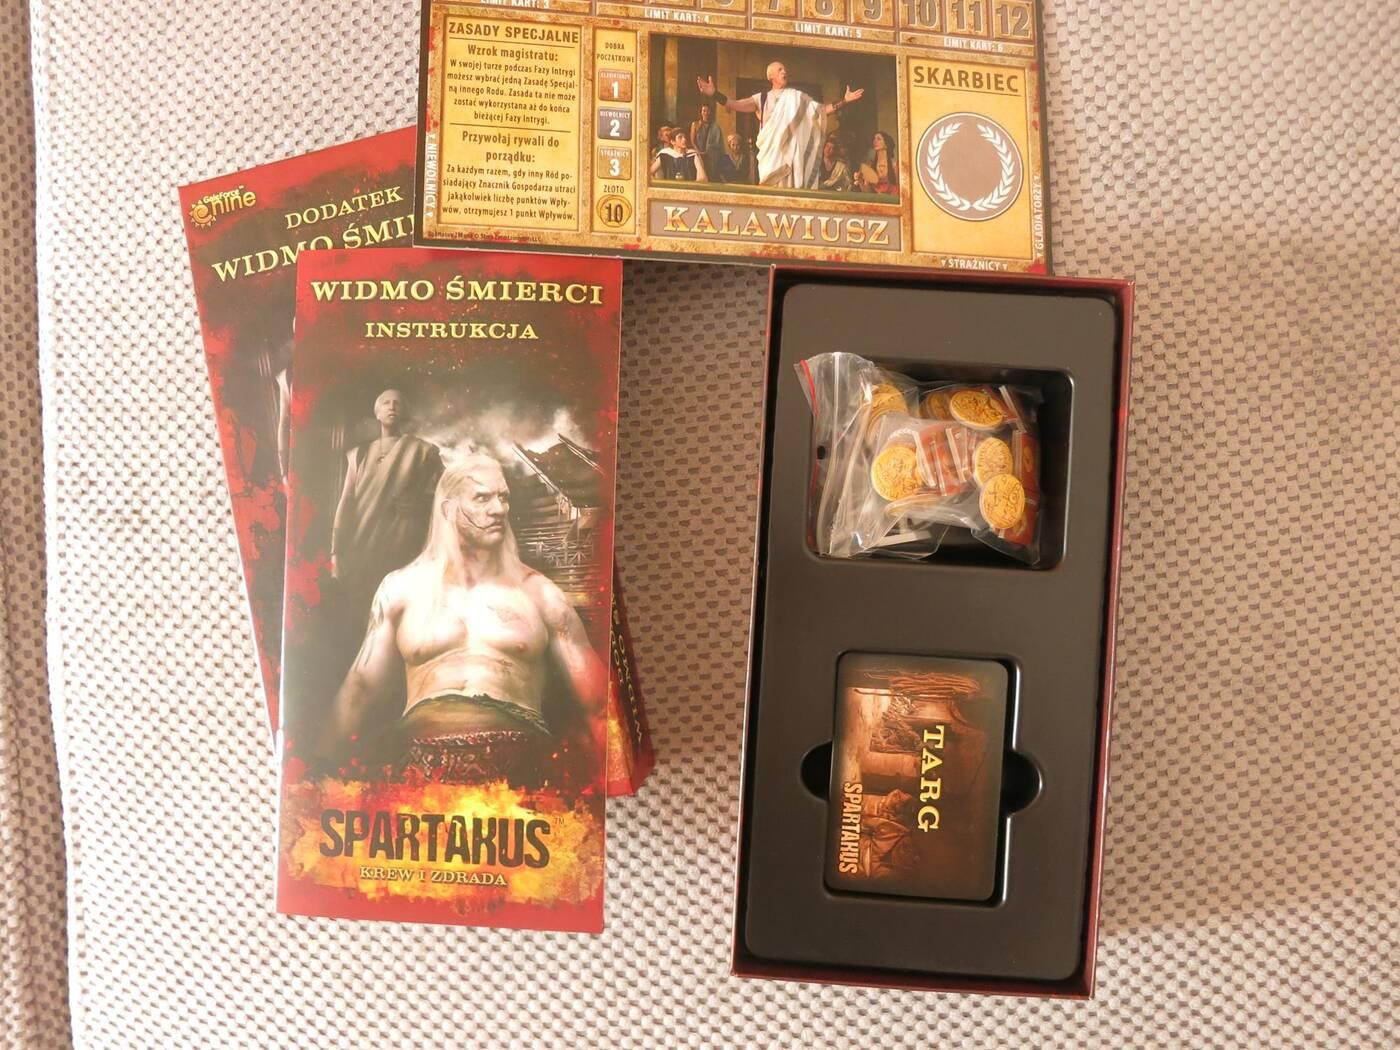 Spartakus Widmo Śmierci pudełko